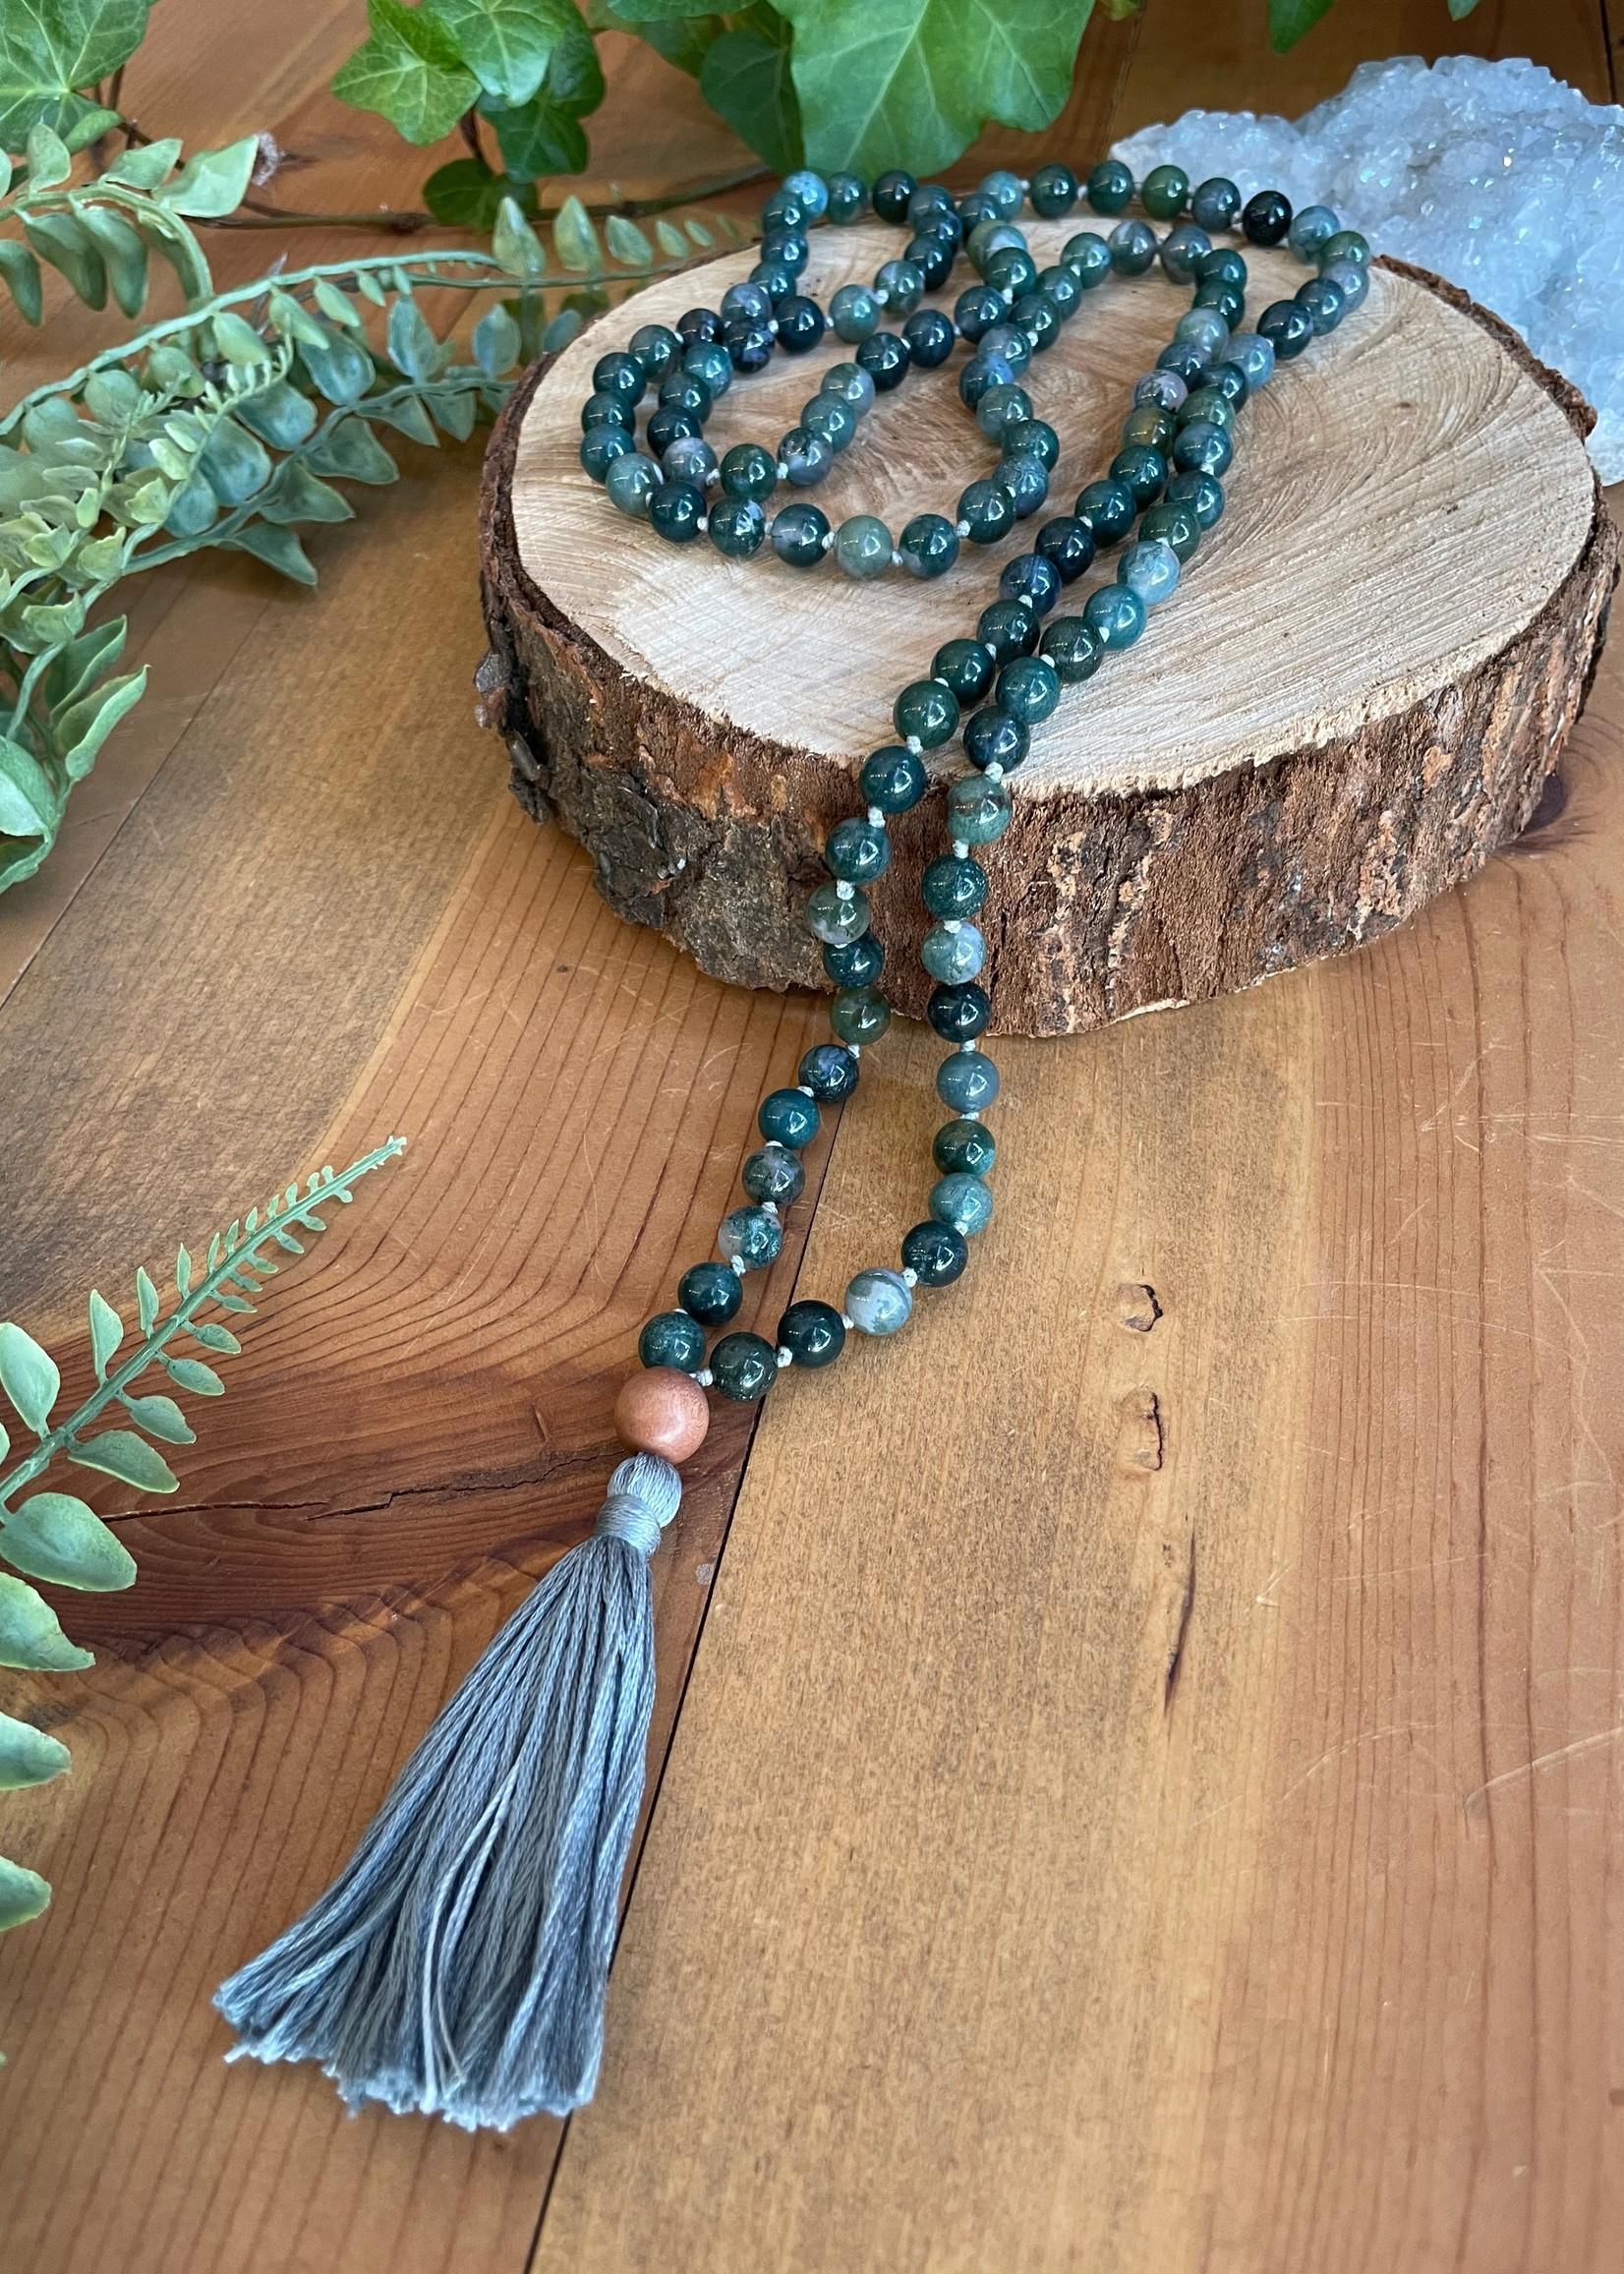 DIY mala Necklace kit